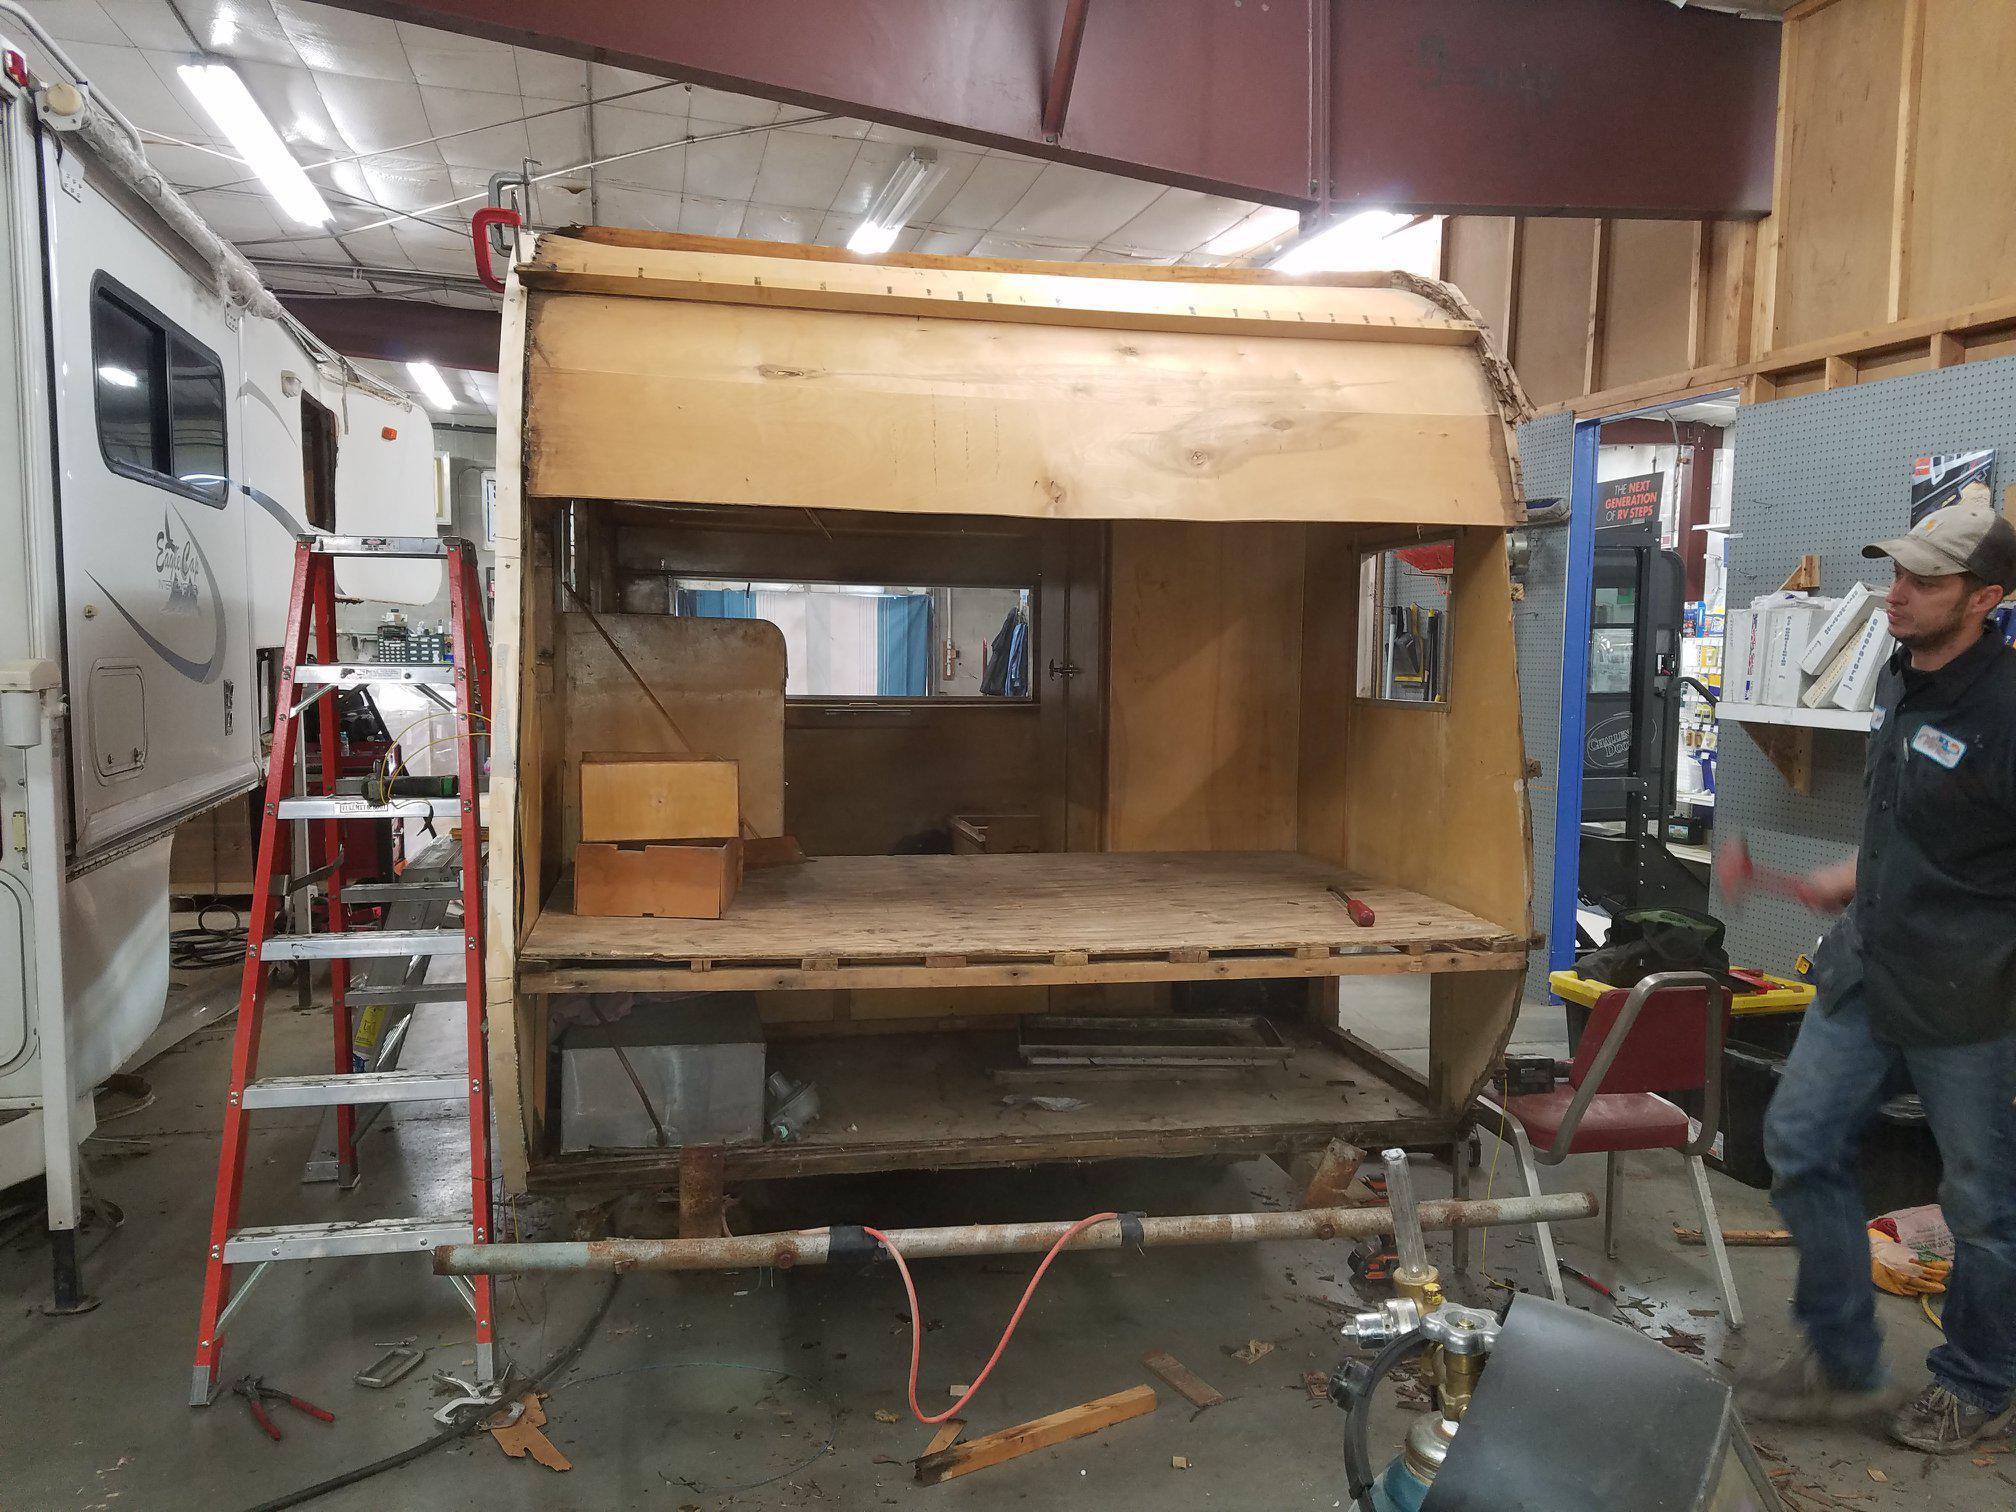 Wilson's RV Repair & Parts image 3